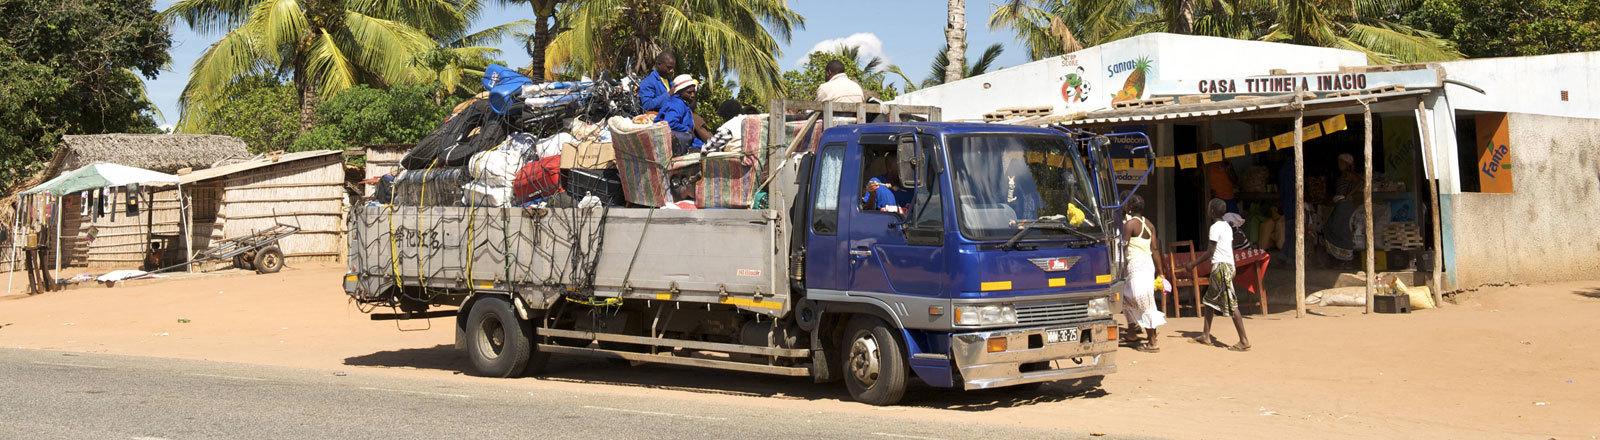 Truck am Straßenrand im Süden Mosambiks